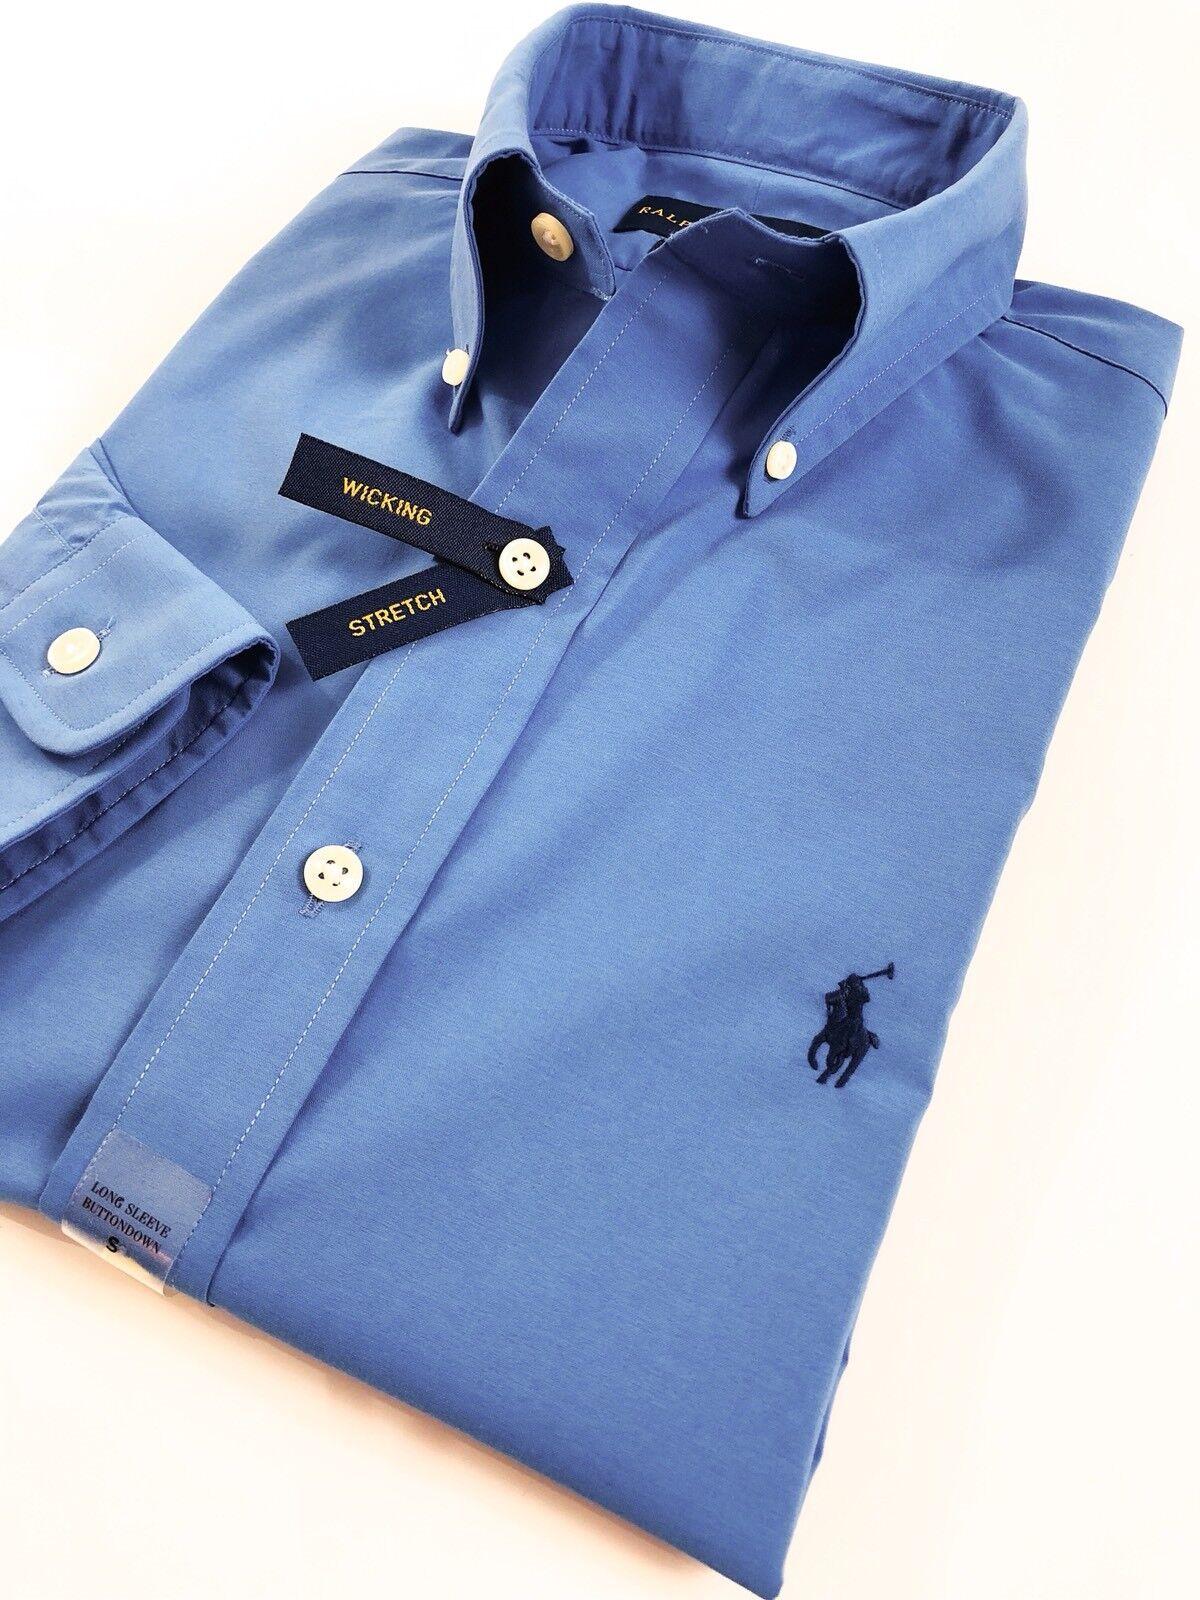 2a7727b55d BNWT Ralph Lauren Men s Shirt Aerial Performance Poplin Standard Fit bluee  nnhcxo268-Casual Shirts   Tops